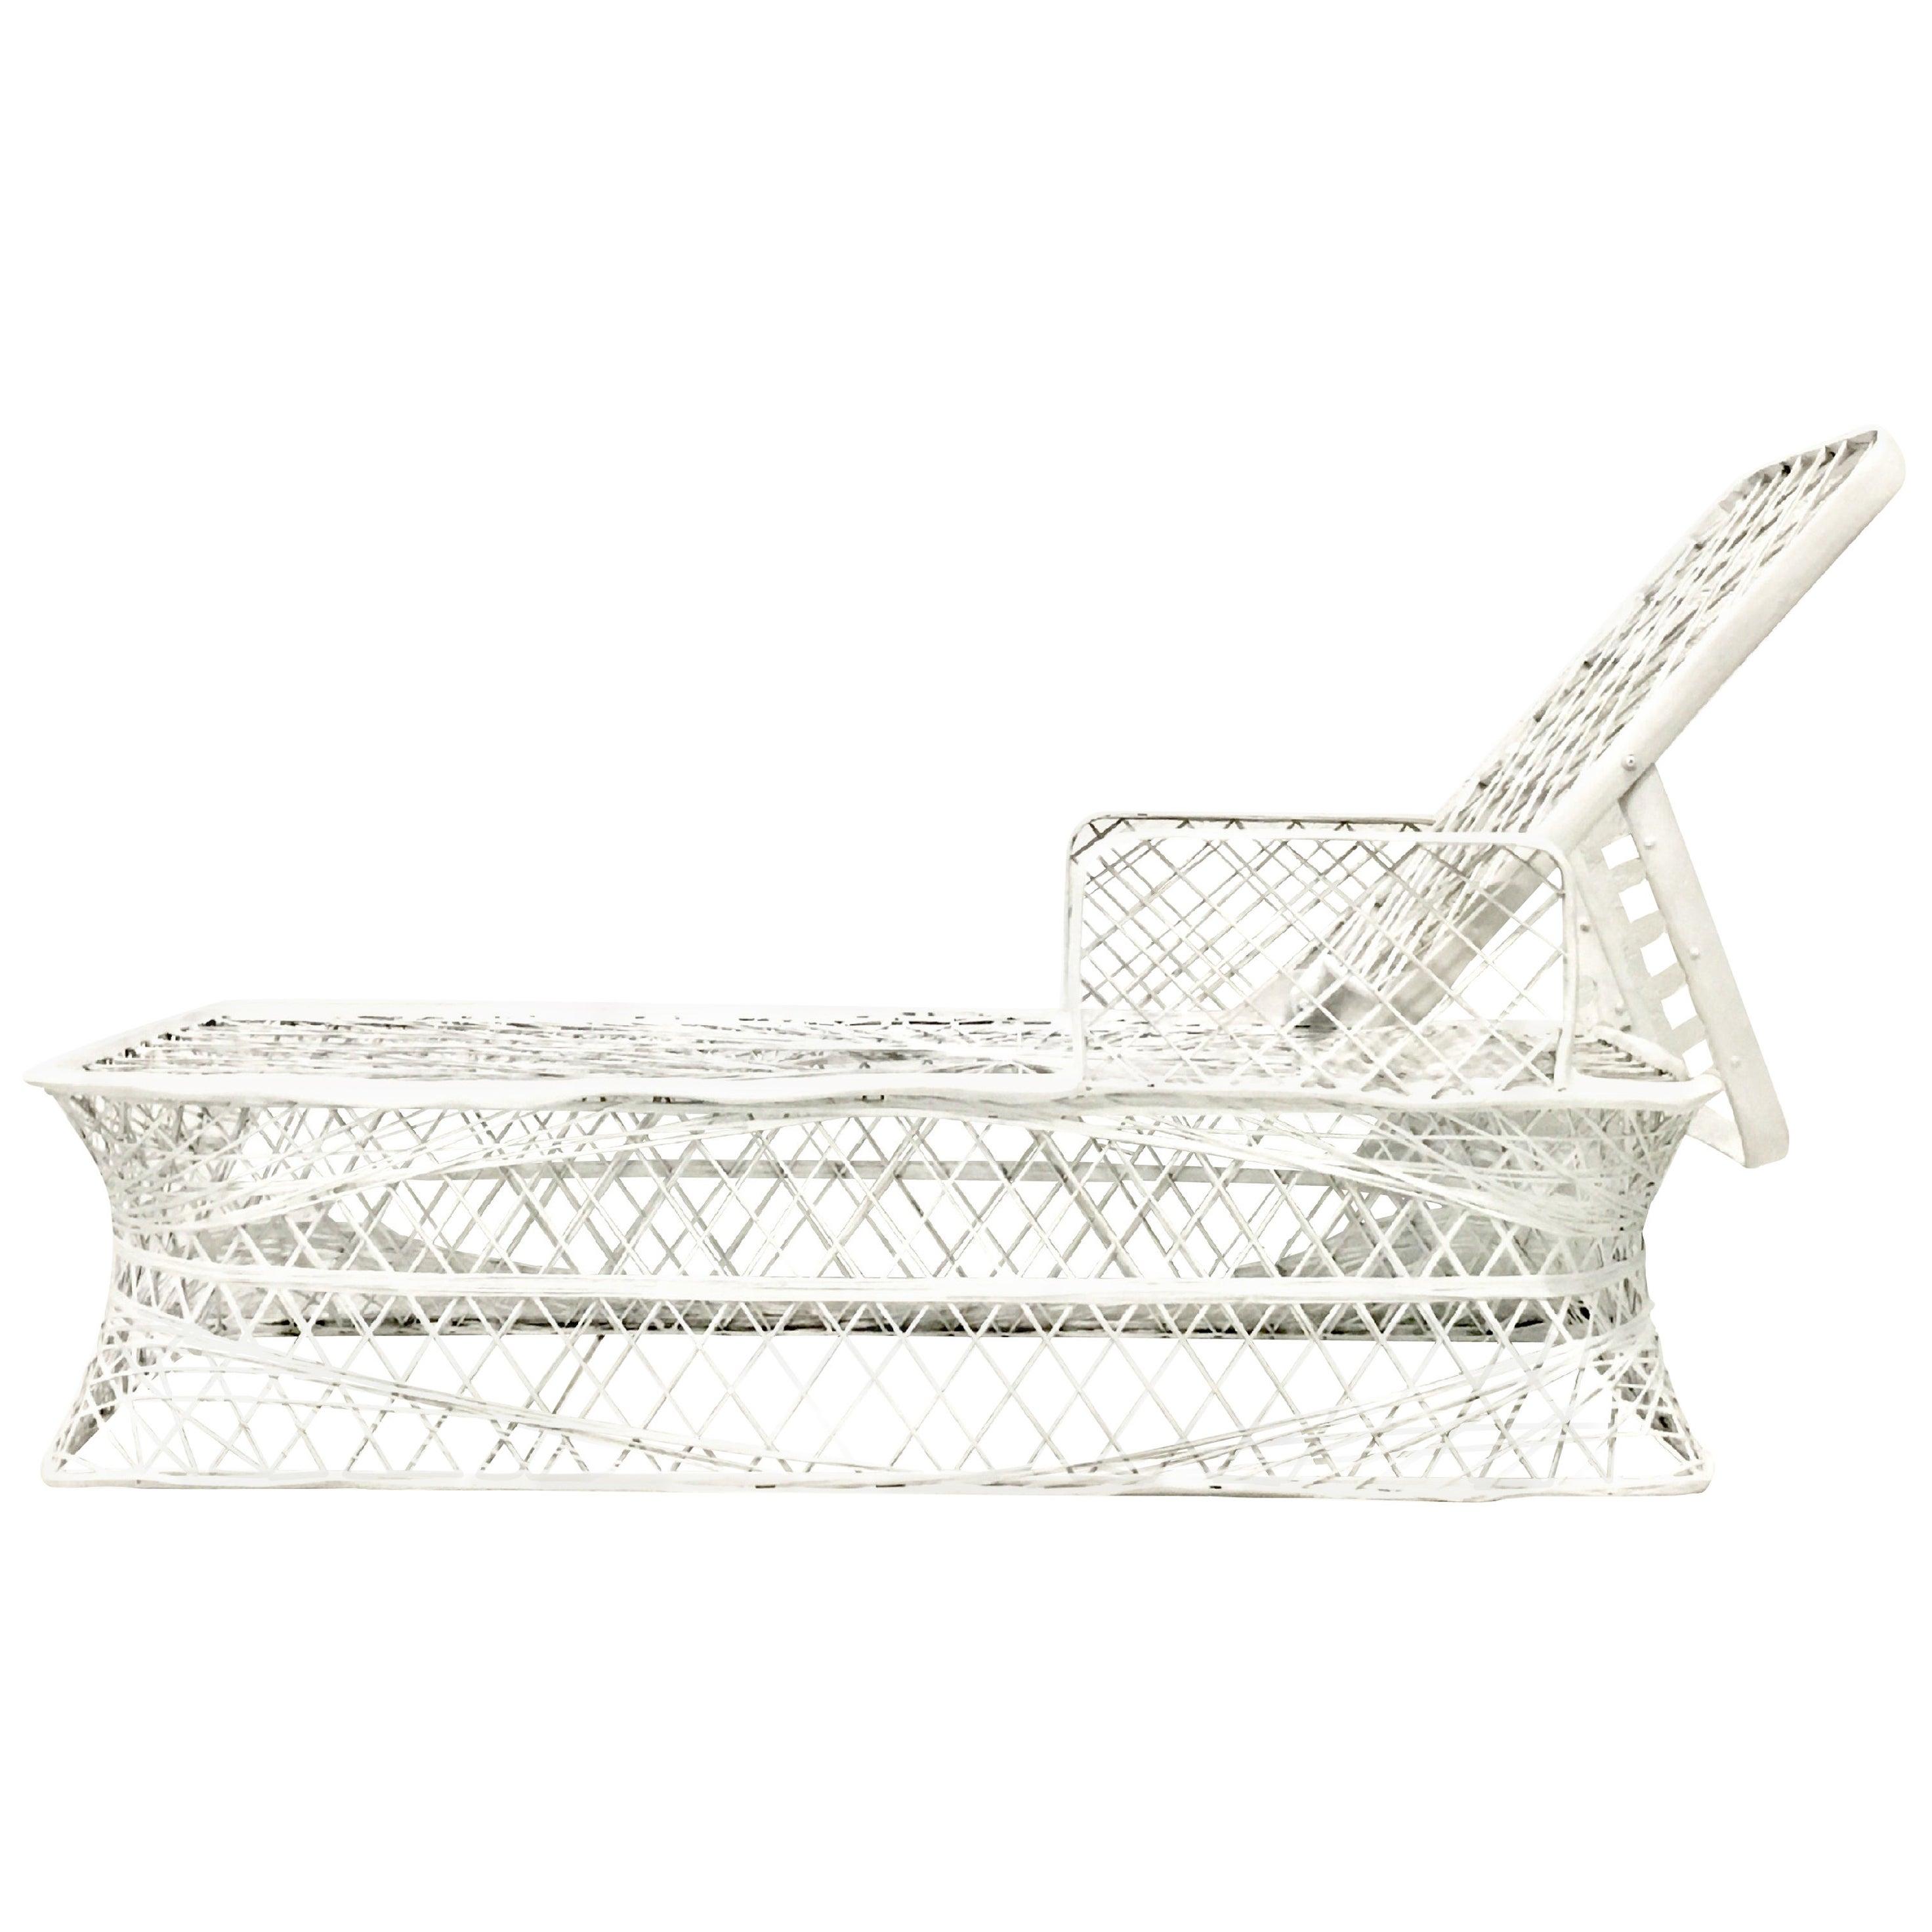 Mid-Century Modern Spun Fiberglass Chaise Lounge Chair by Russell Woodard